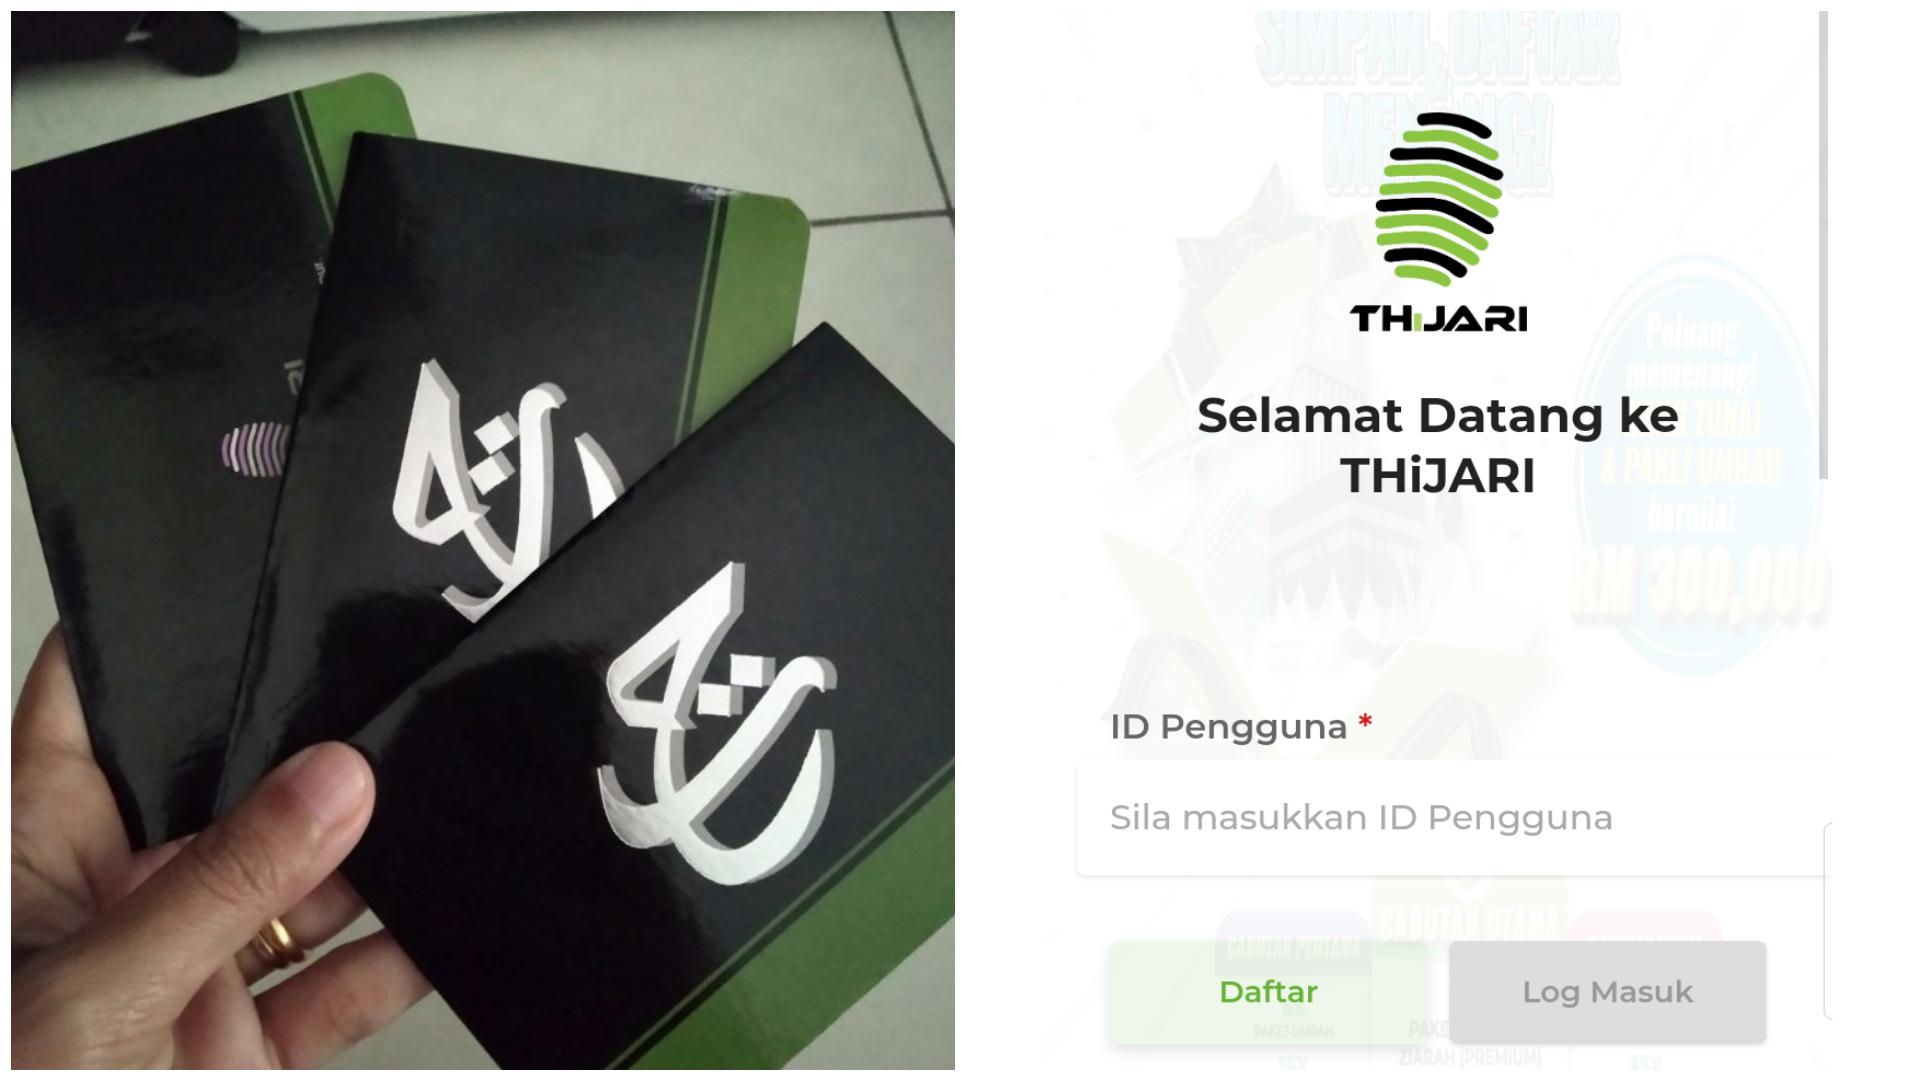 Cara Daftar Akaun Tabung Haji Online Guna Thijari Senang Nak Semak Baki Transfer Duit